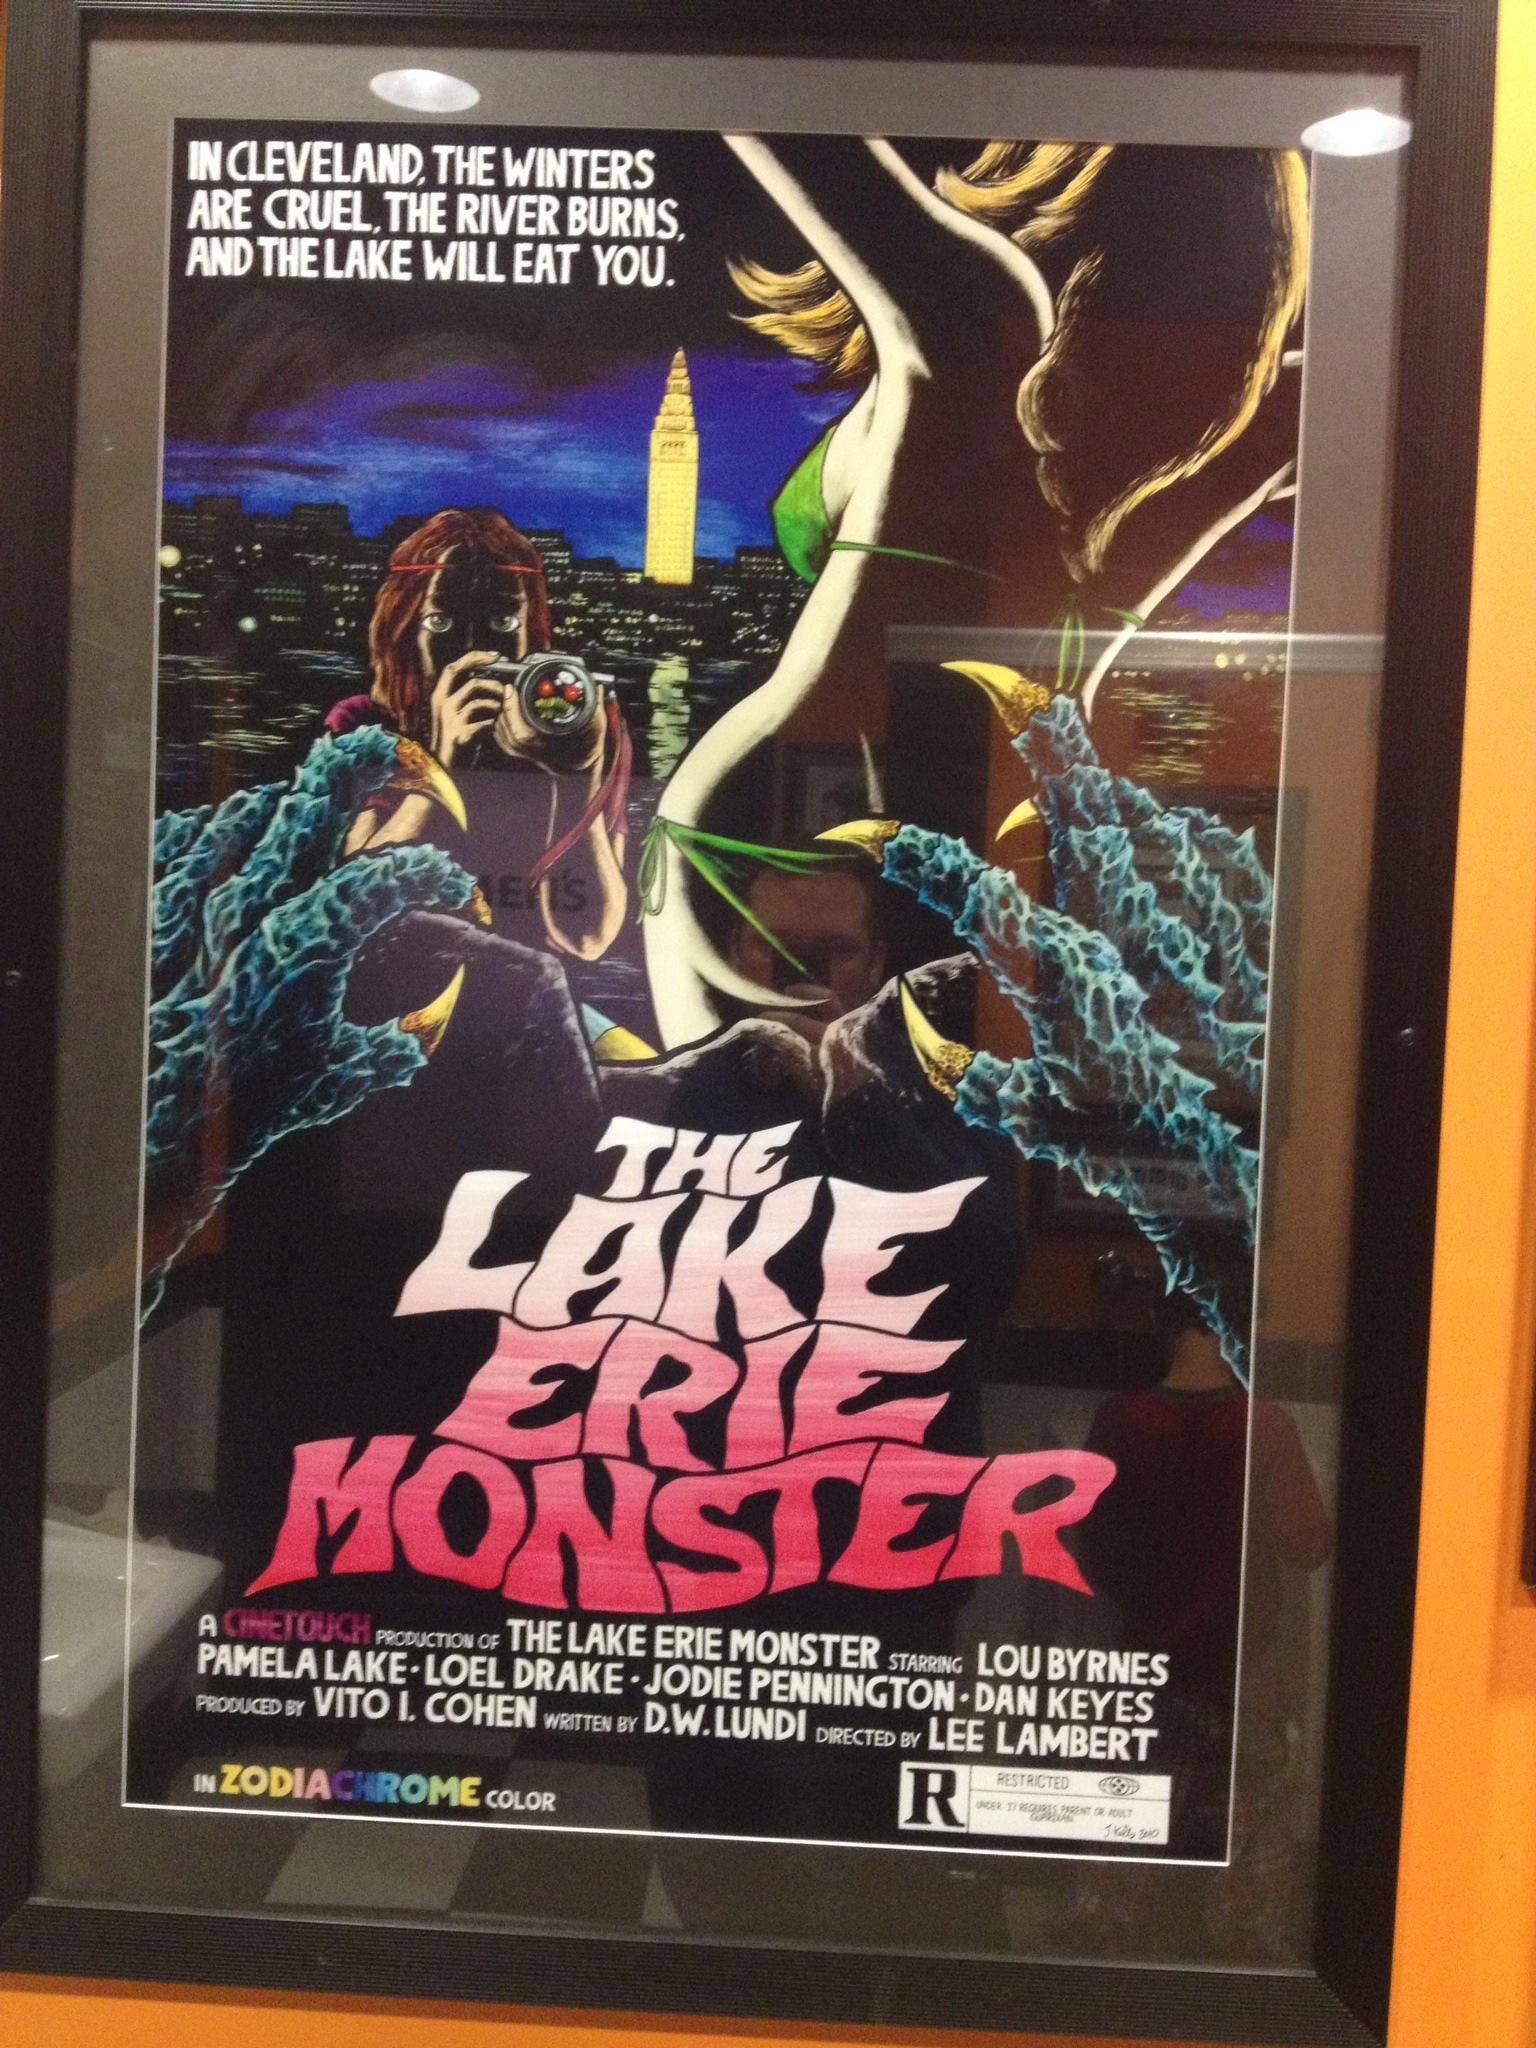 The Lake Erie Monster